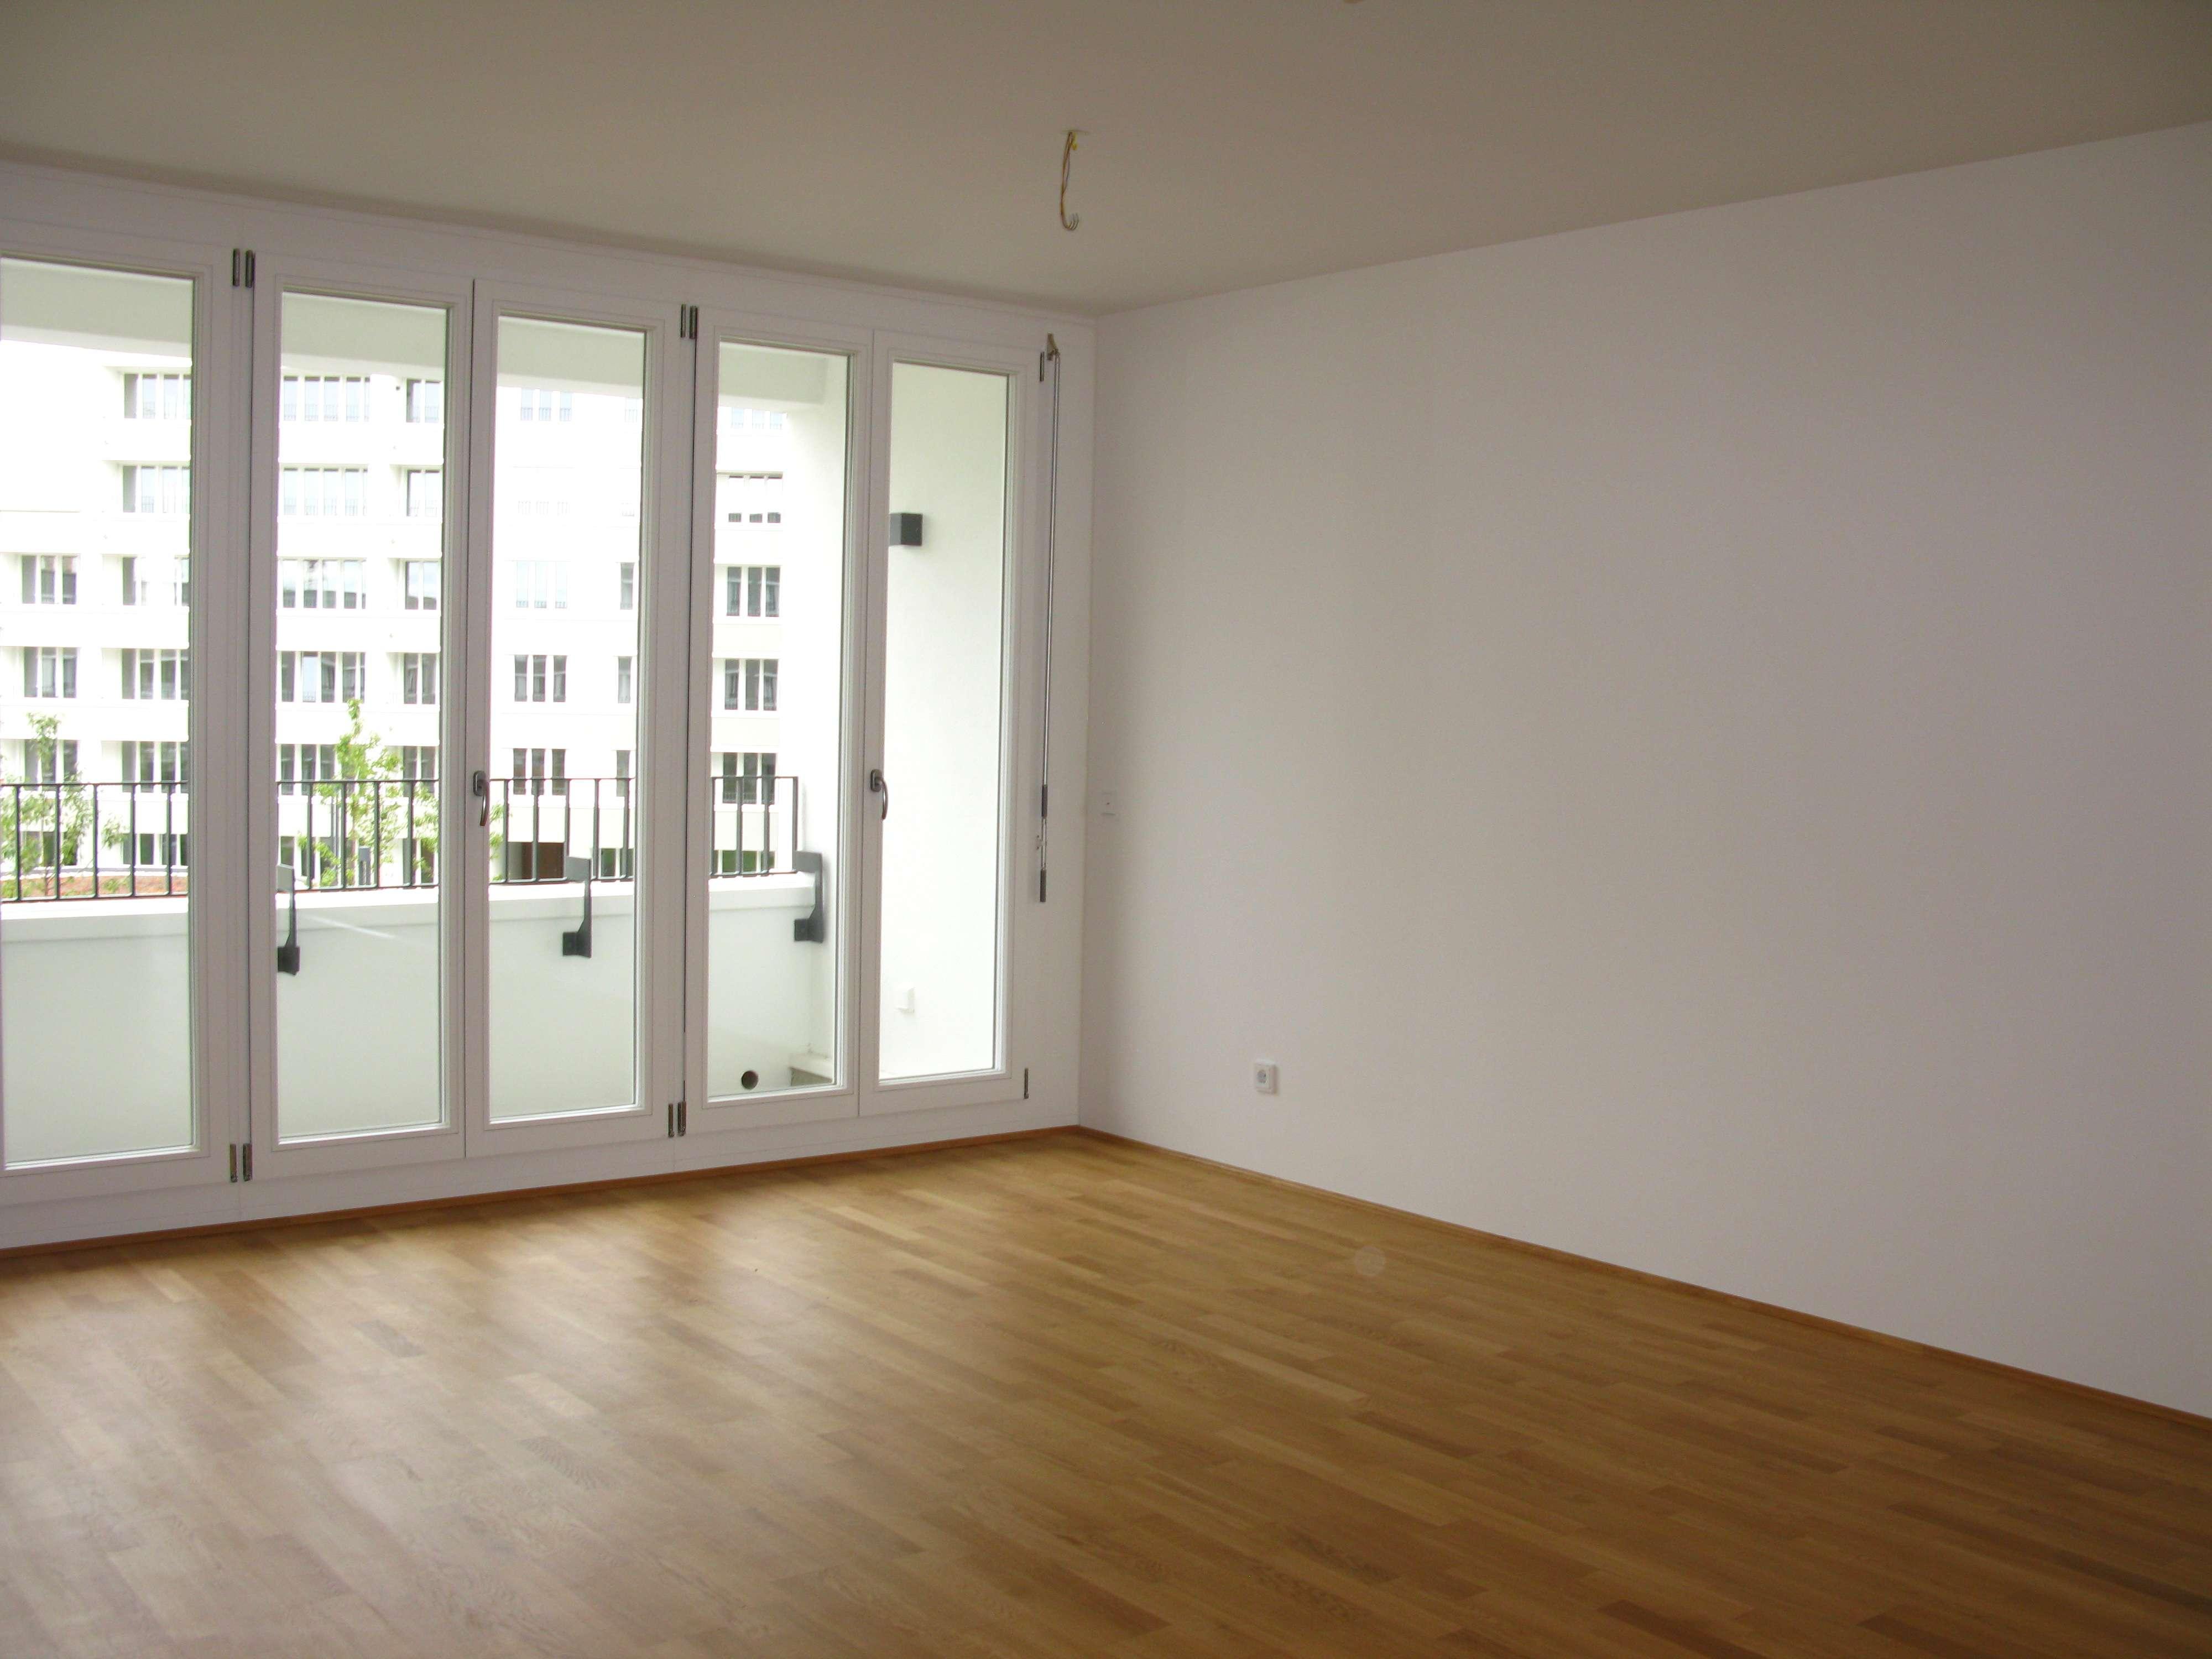 Erstbezug: freundliche 2-Zimmer-Wohnung mit Einbauküche und Balkon in Pasing-Obermenzing, München in Obermenzing (München)